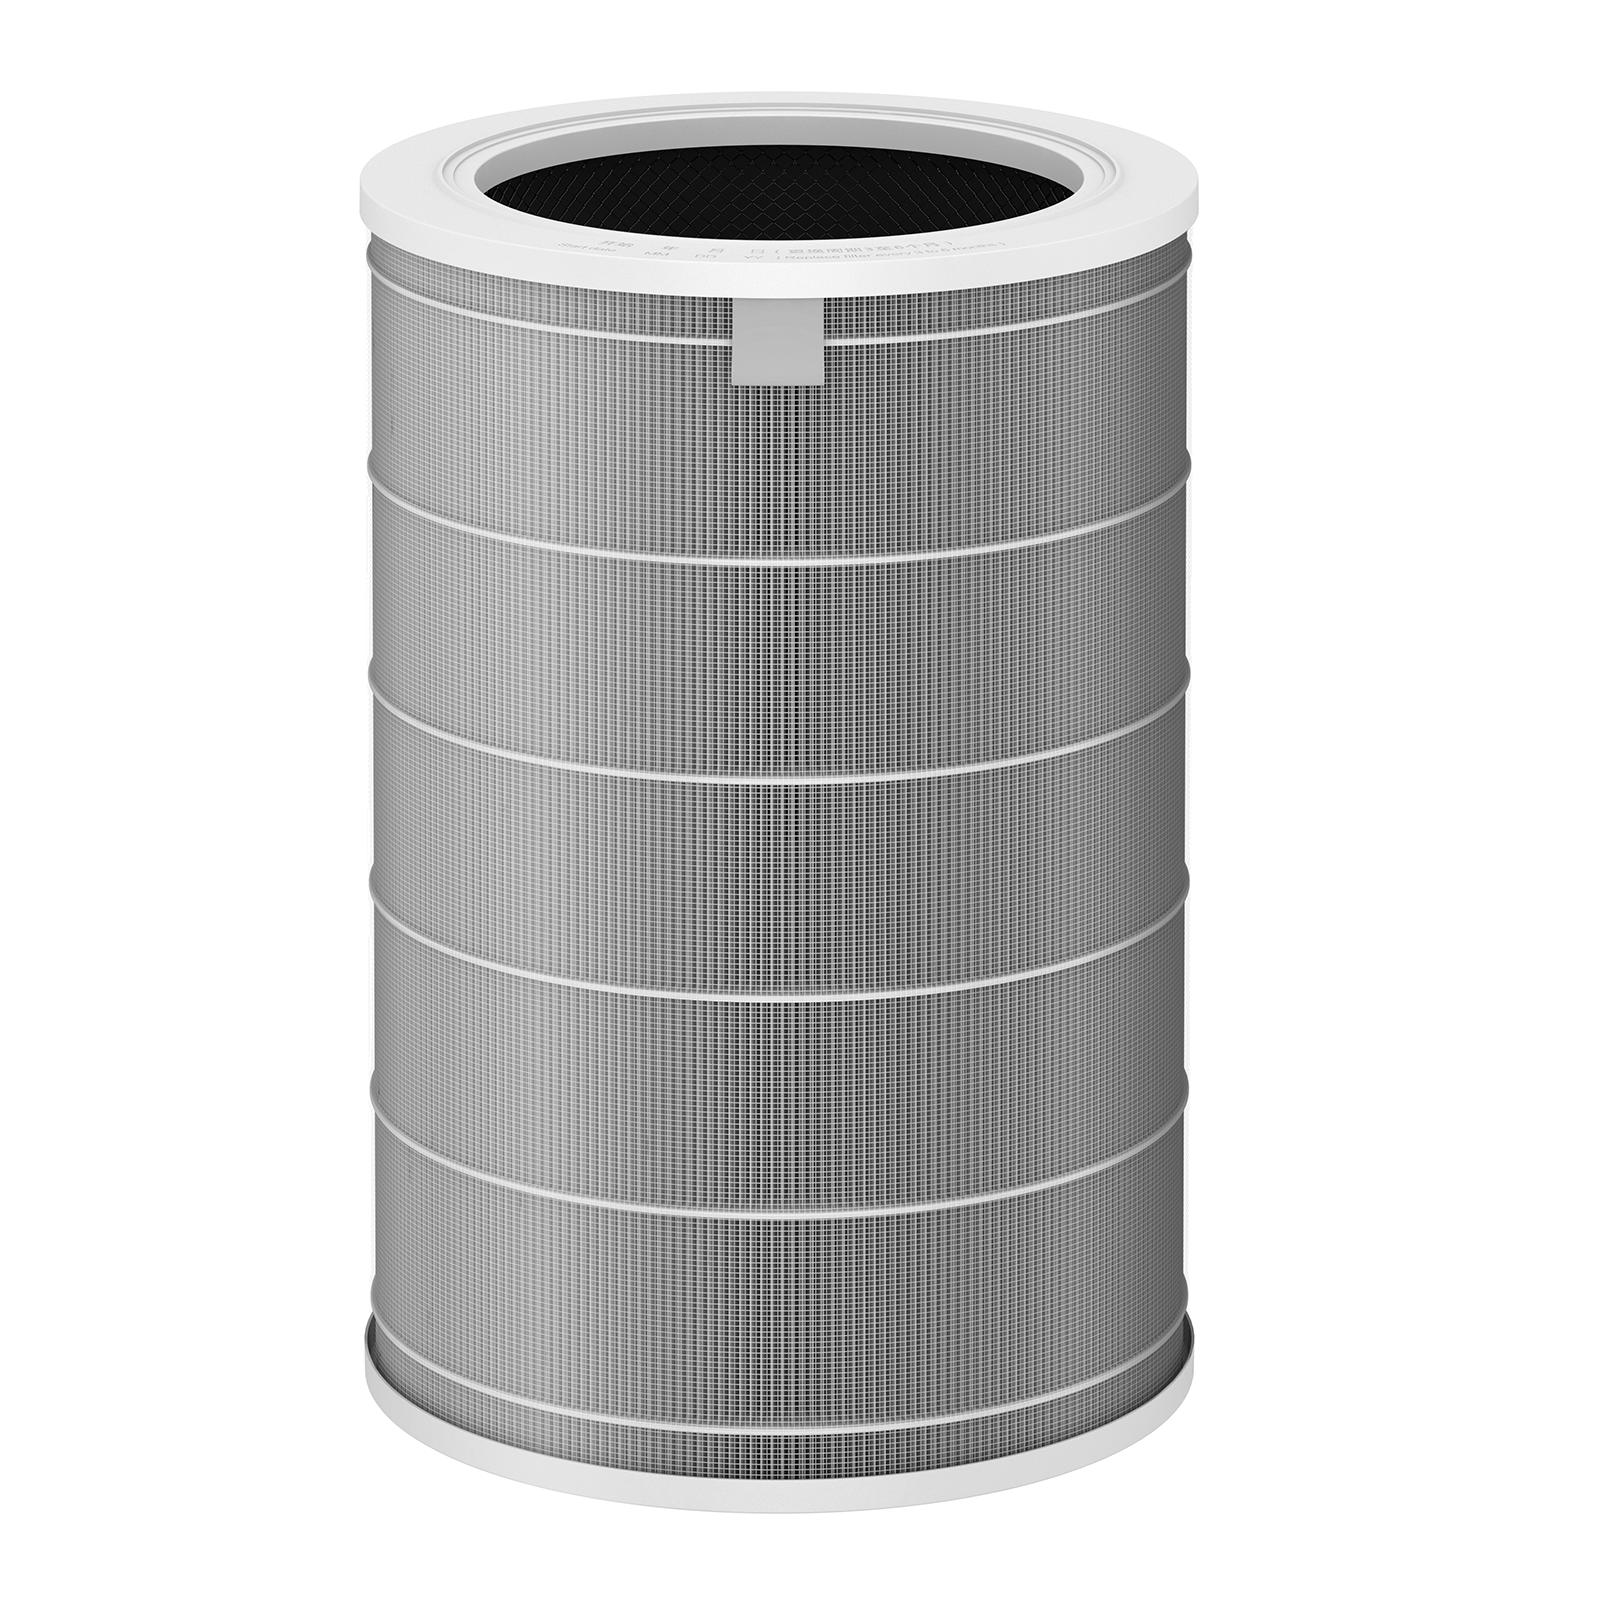 Mi Air Purifier HEPA Filter Серый